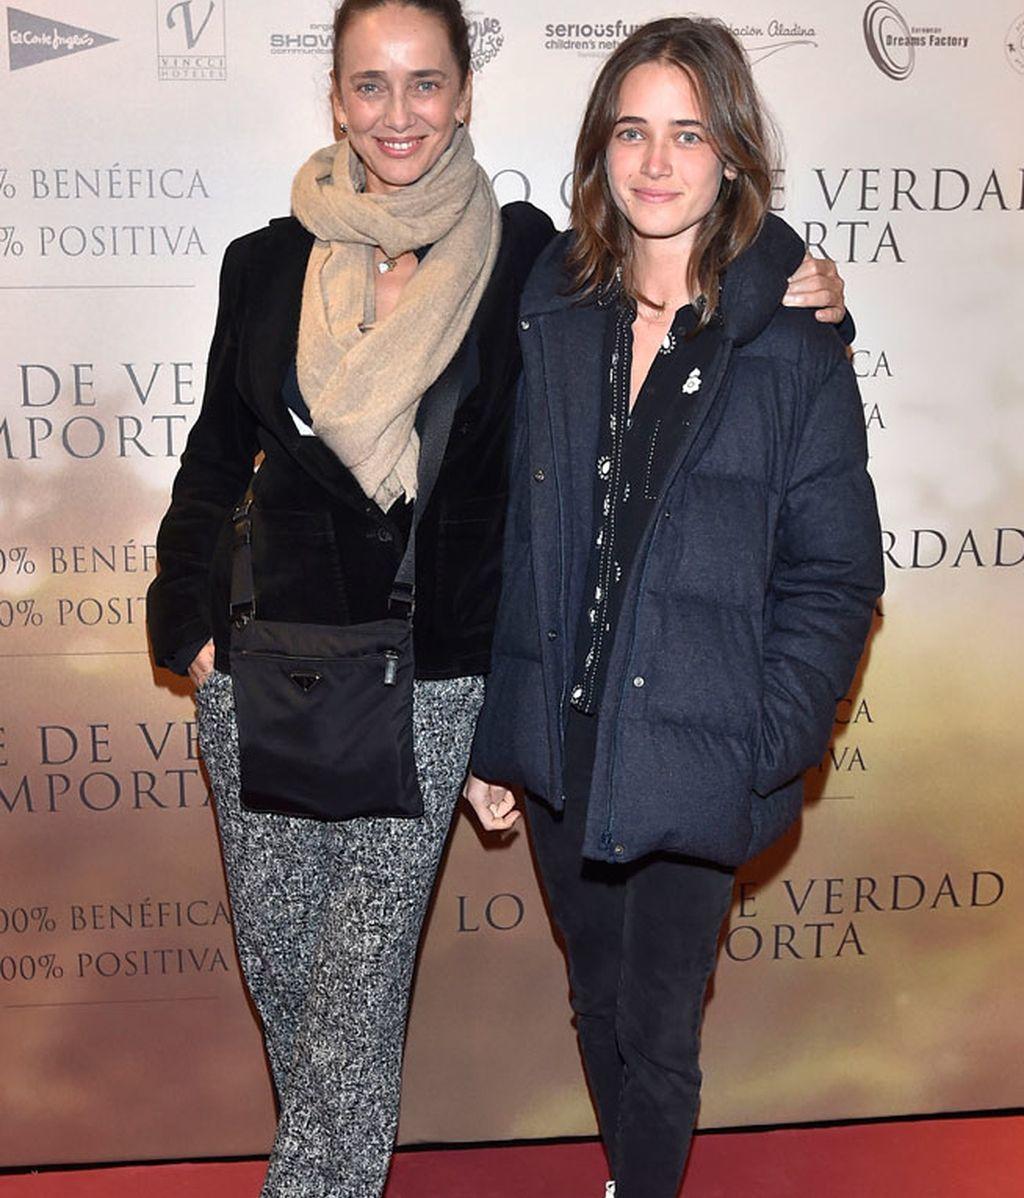 Blanca Suelves y su hija, Blanca Osorio